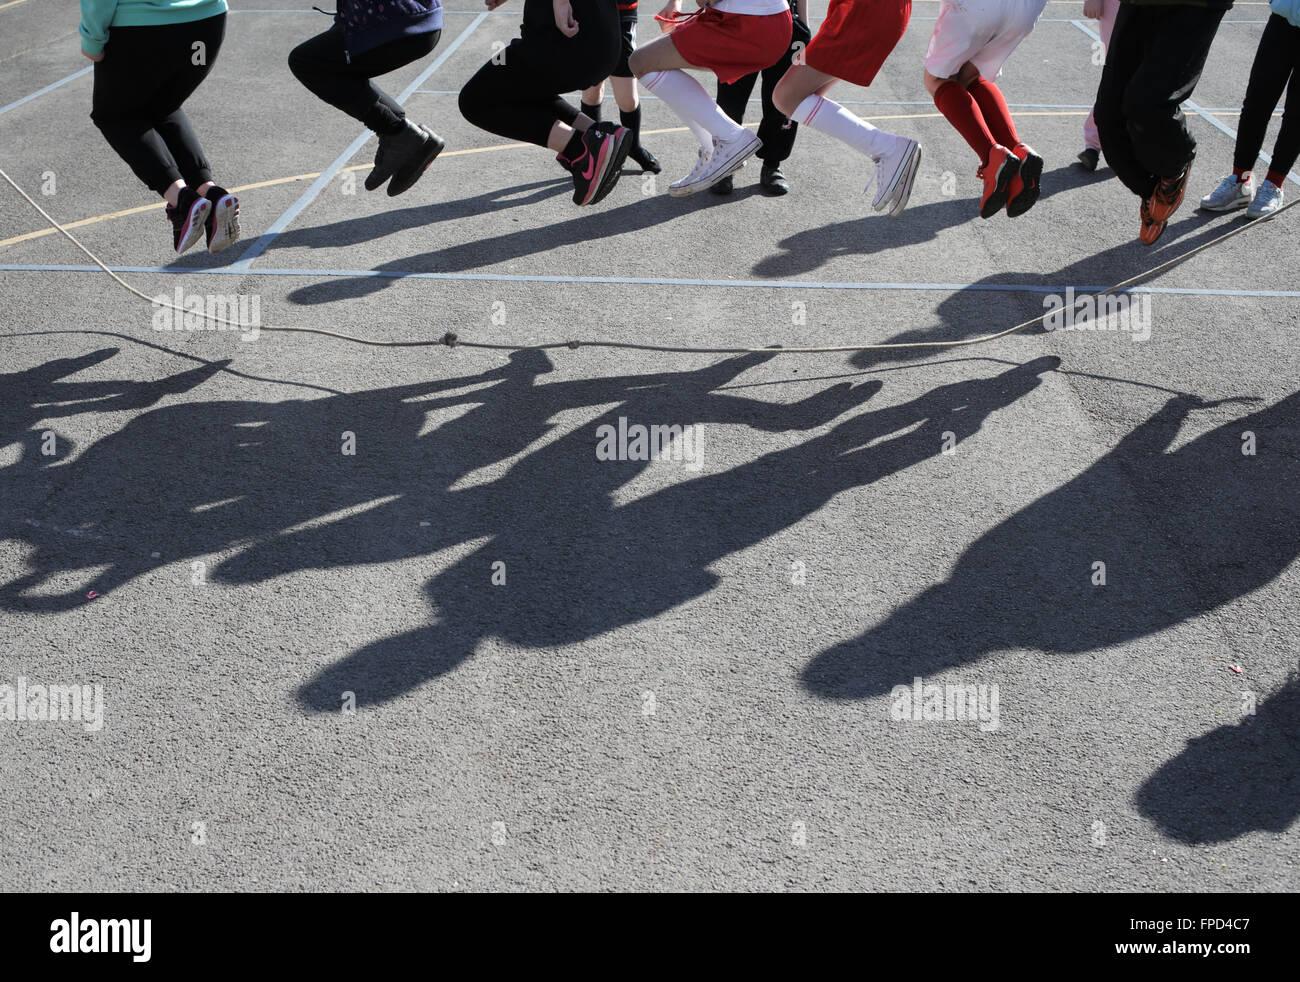 Gli alunni saltando durante la ricreazione in Sala Rossa Junior School in Darlington, County Durham, Regno Unito. Immagini Stock